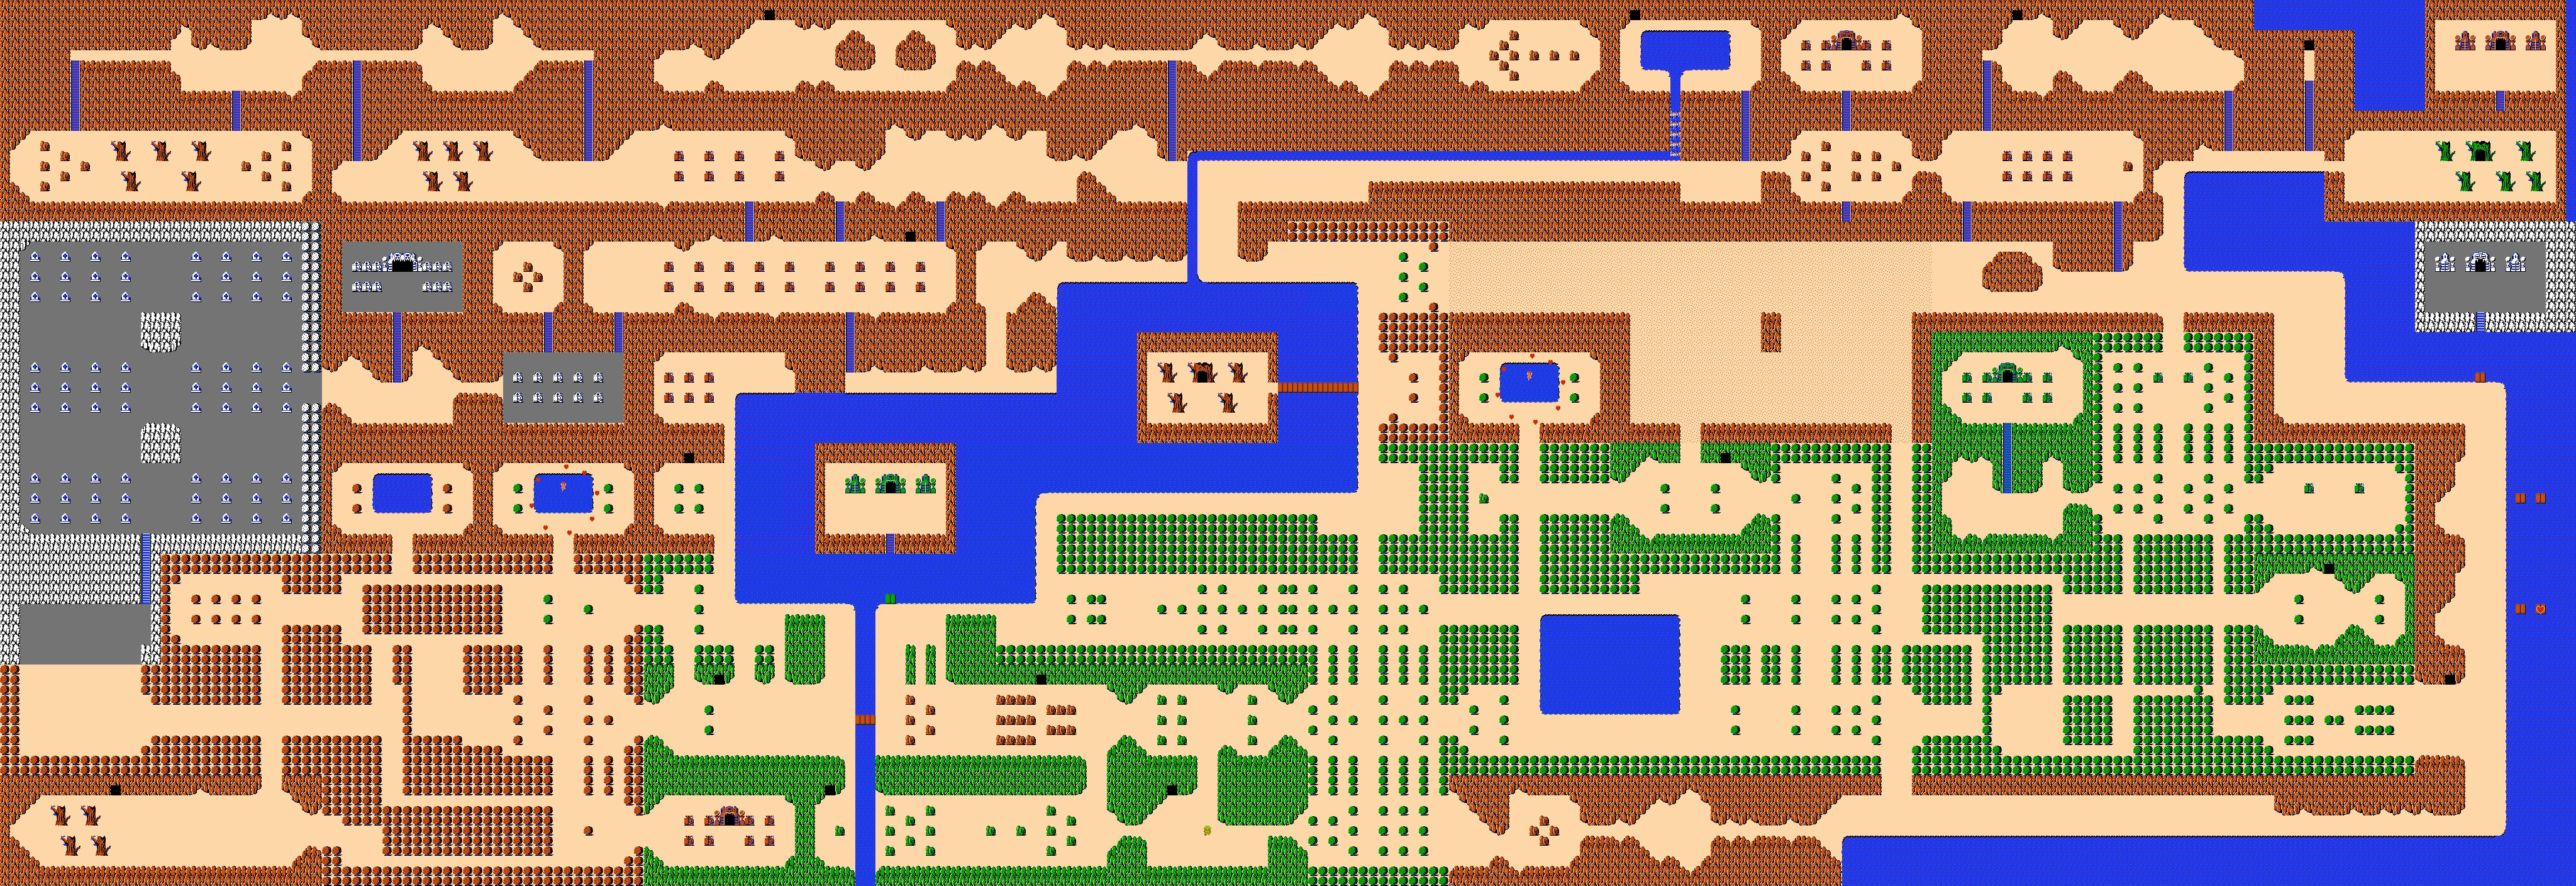 The Legend of Zelda - Map